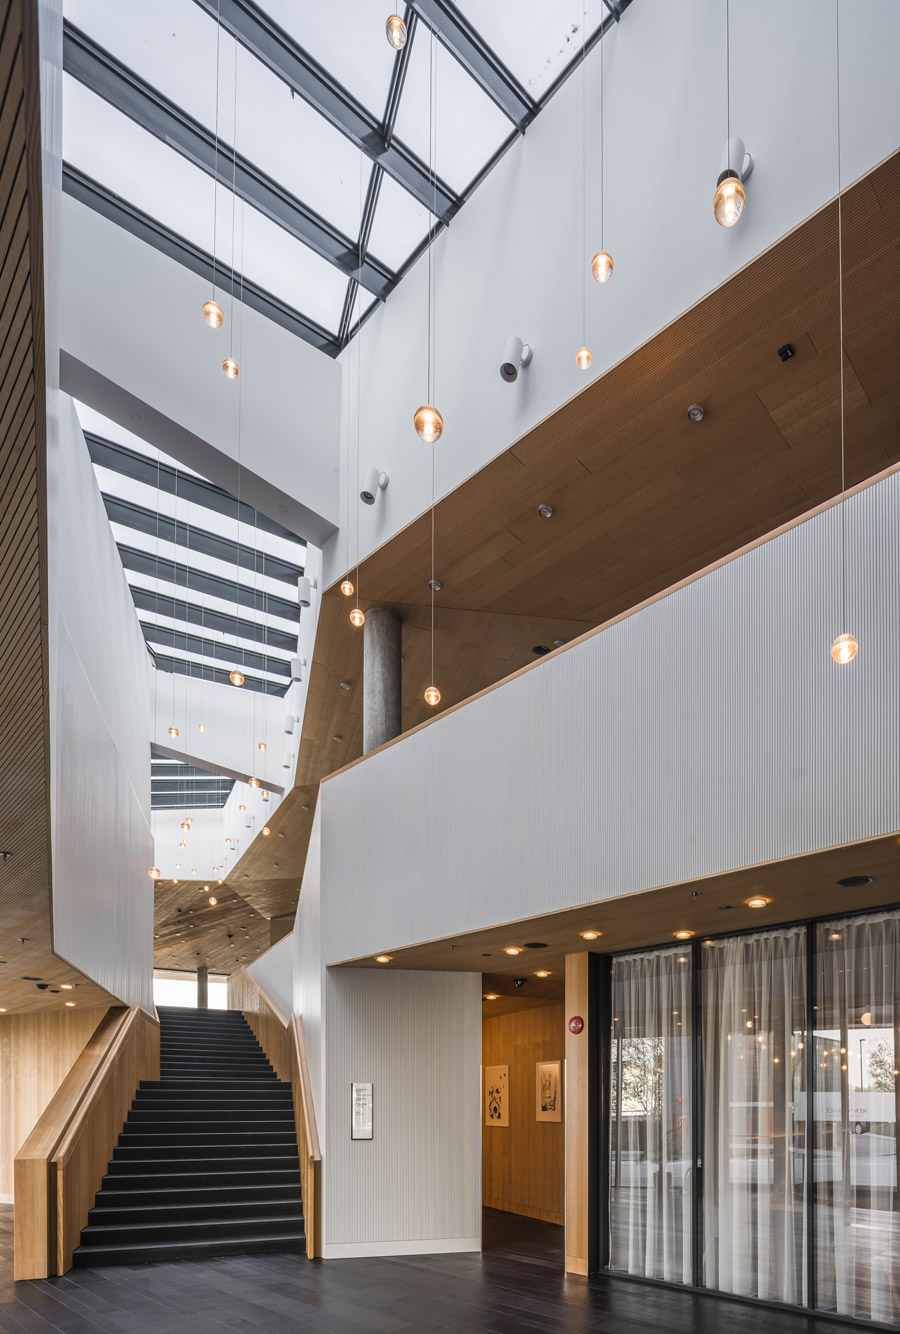 RenaissanceWarsawAirport Hotel. Projekt architektoniczny: JEMS Architekci. Zdjęcie: Juliusz Sokołowski